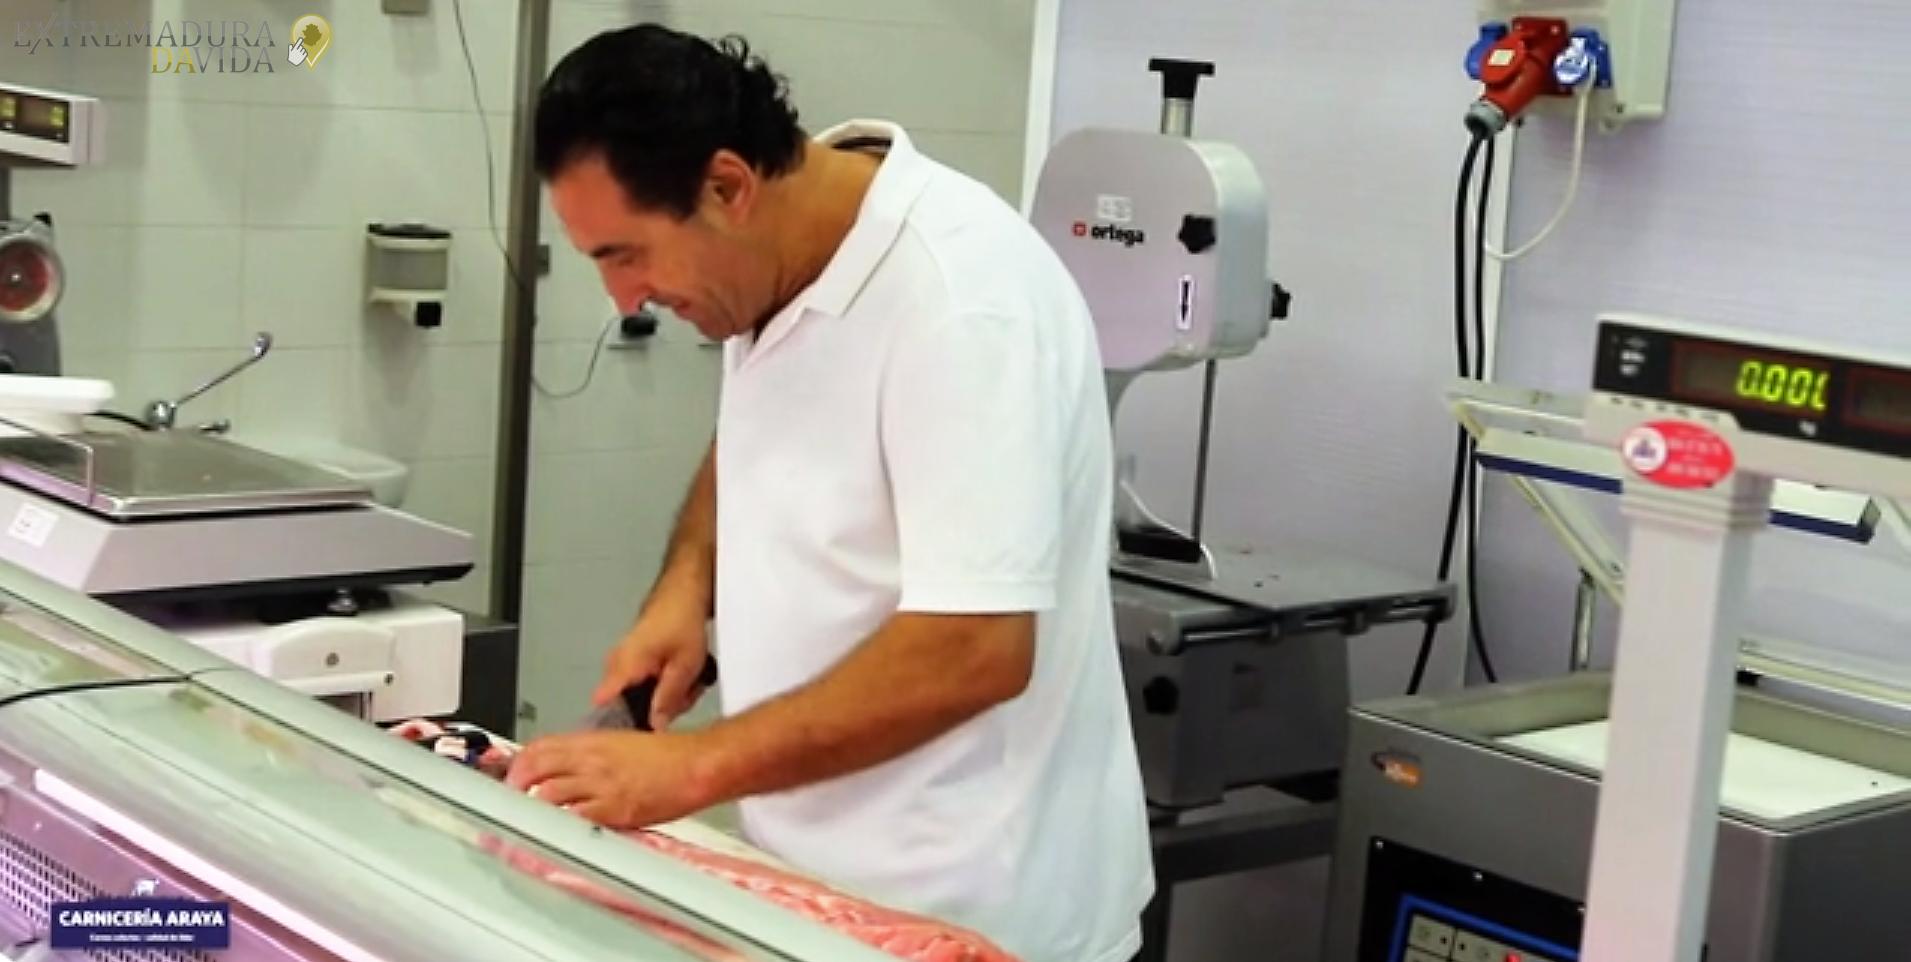 Carnicería Almendralejo Especializada Araya